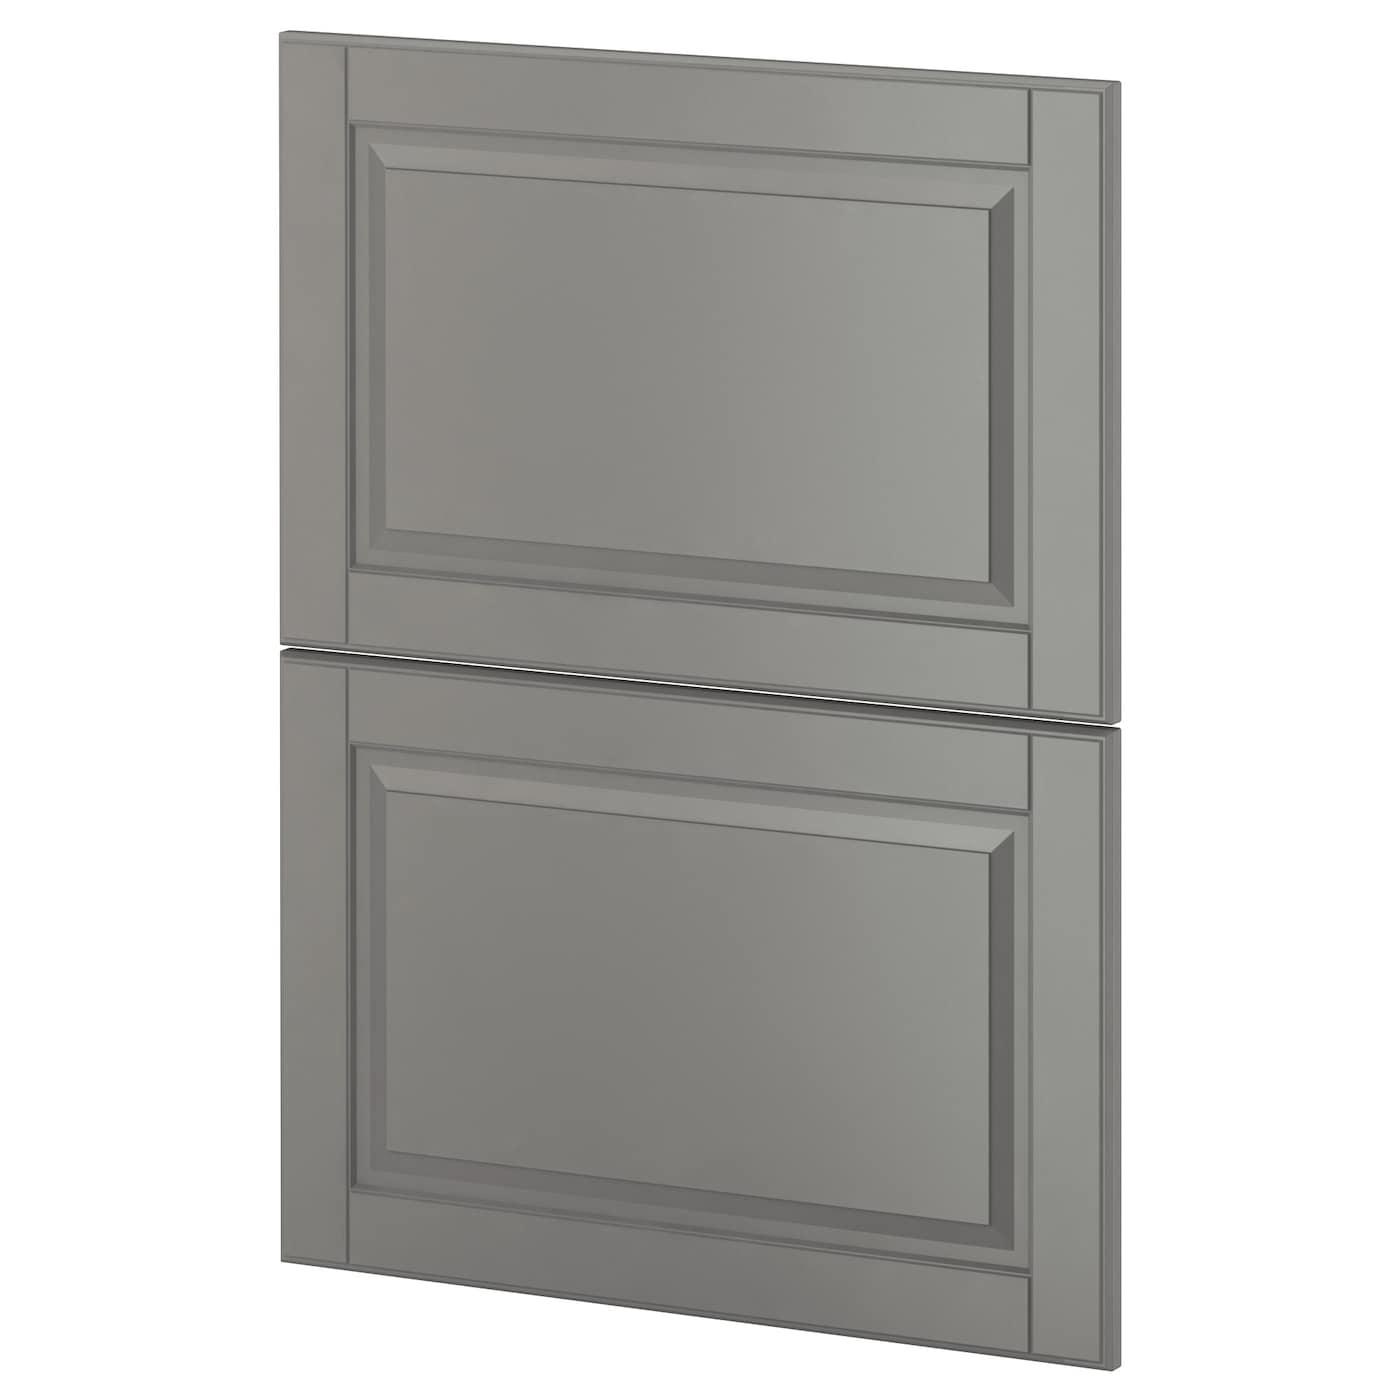 metod 2 fronts for dishwasher bodbyn grey 60 cm ikea. Black Bedroom Furniture Sets. Home Design Ideas